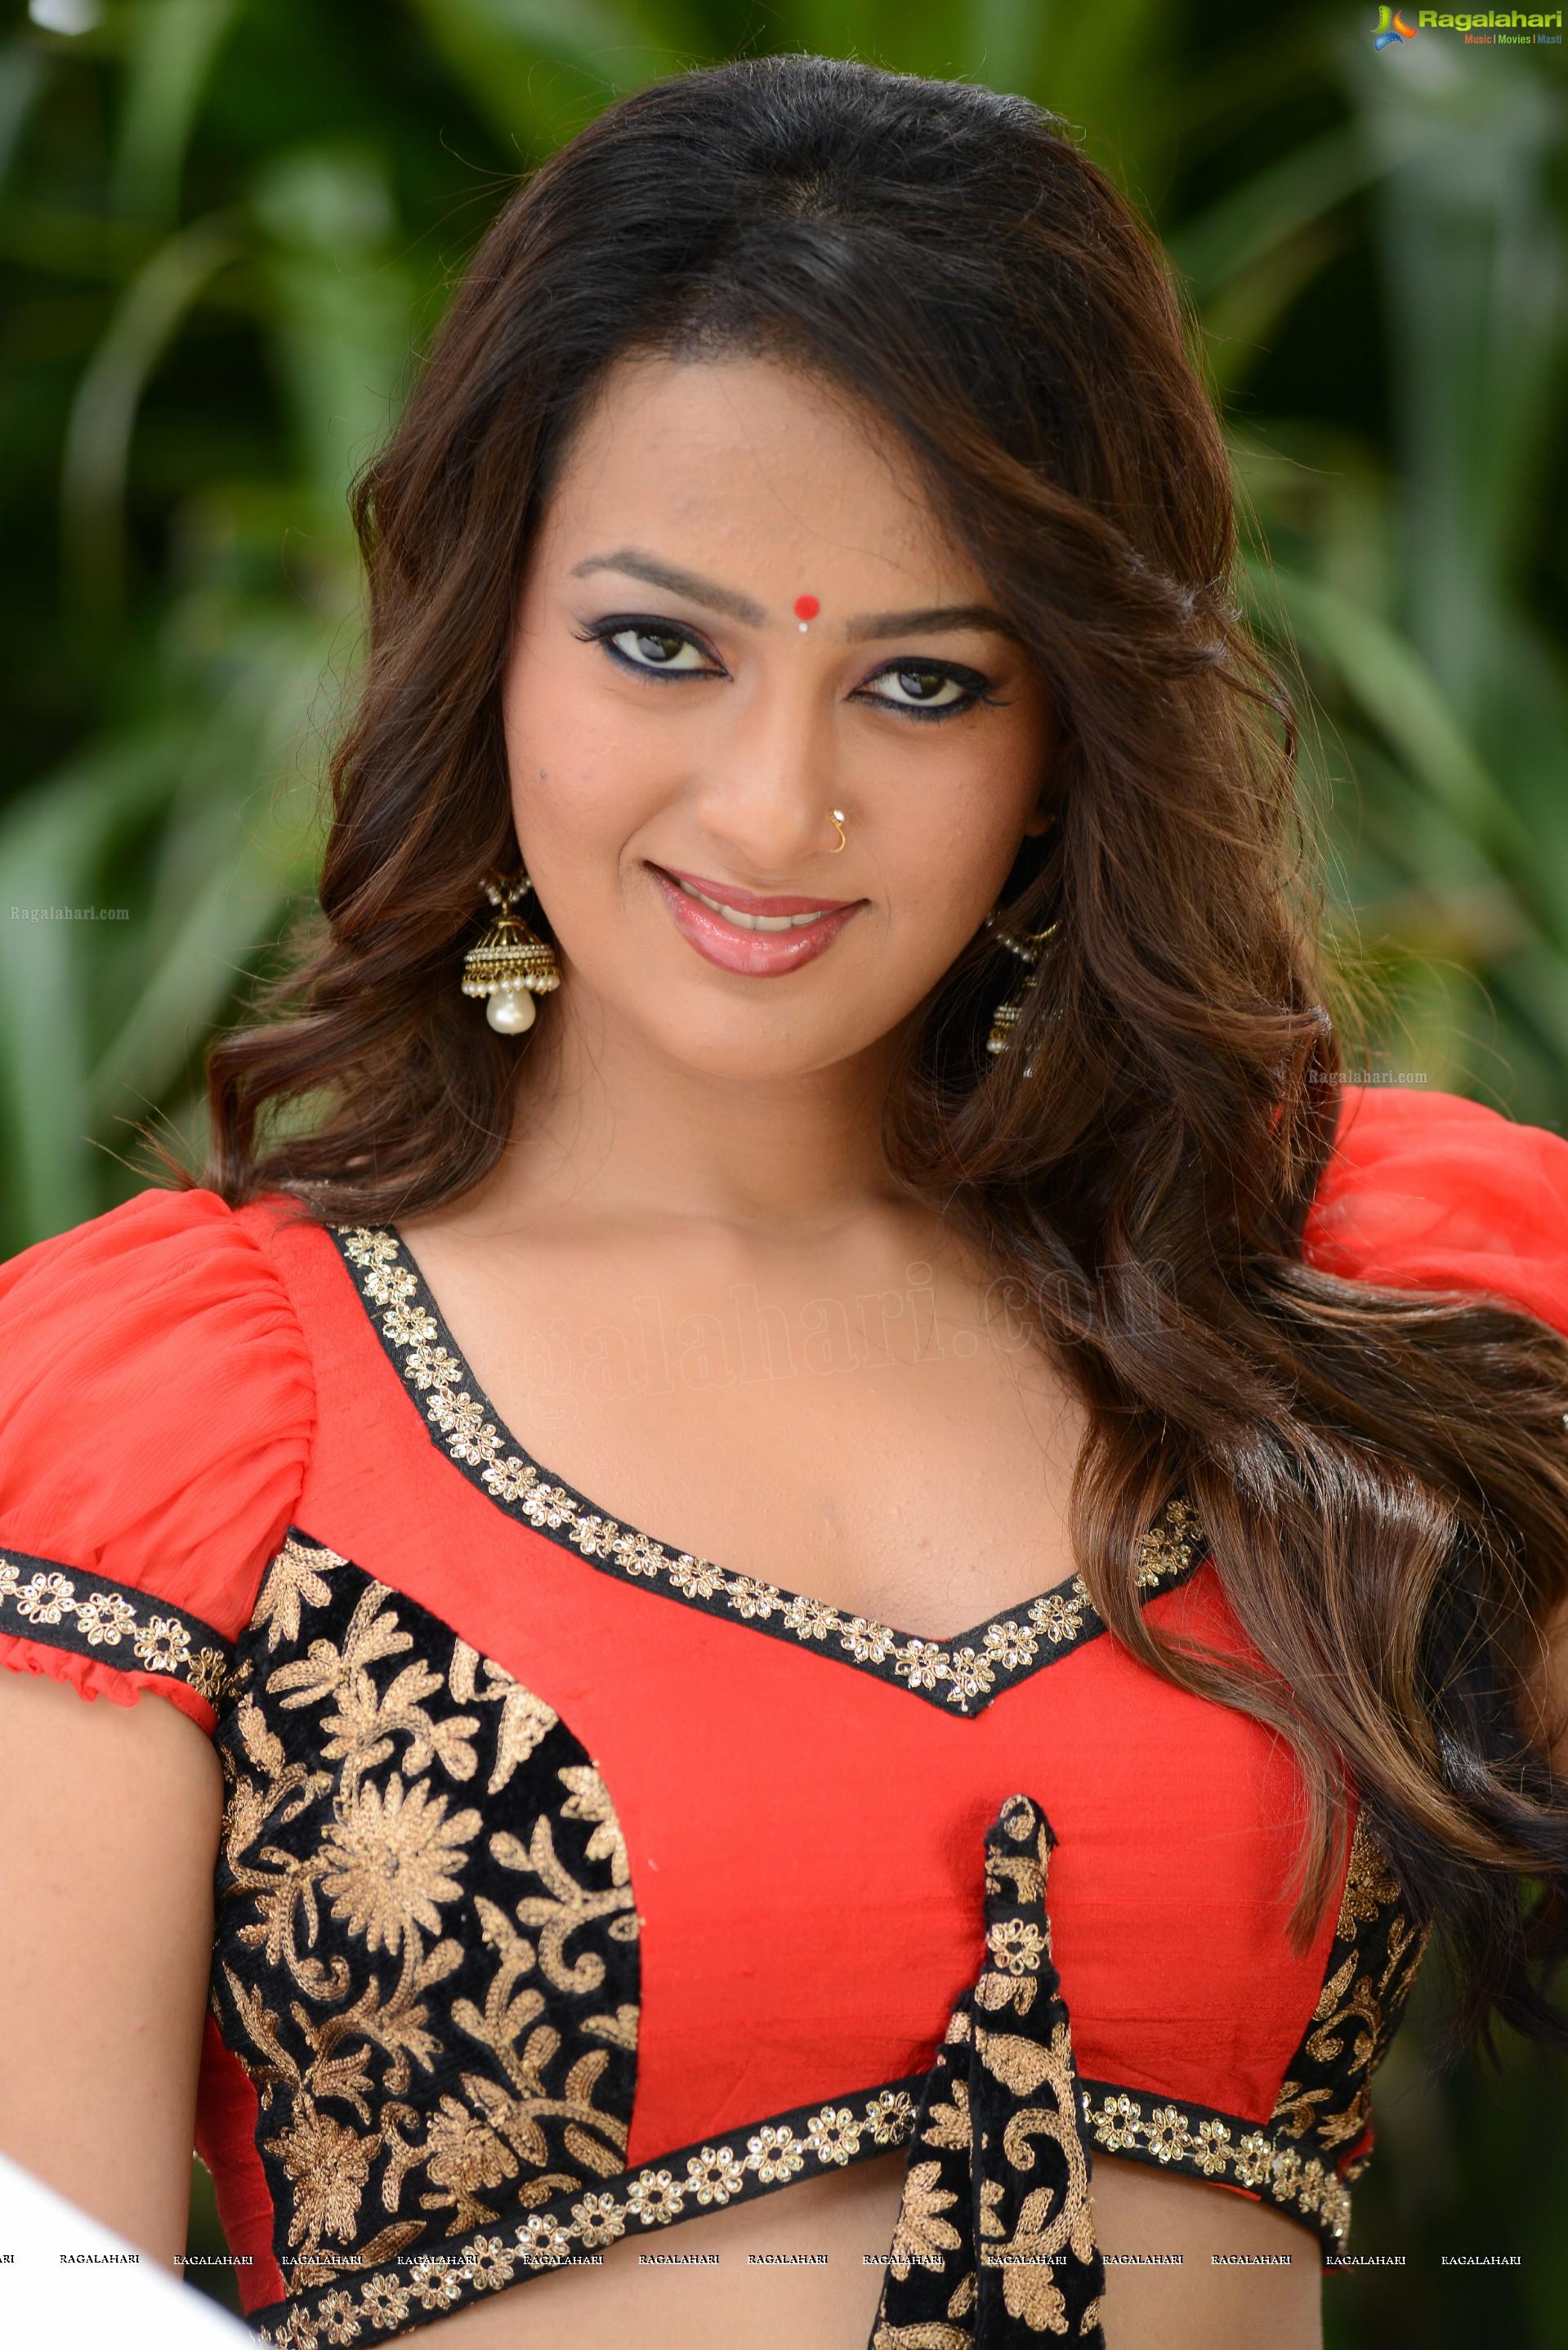 Telugu Actress Ester Noronha Hot Red Dress Photos | NETTV4U